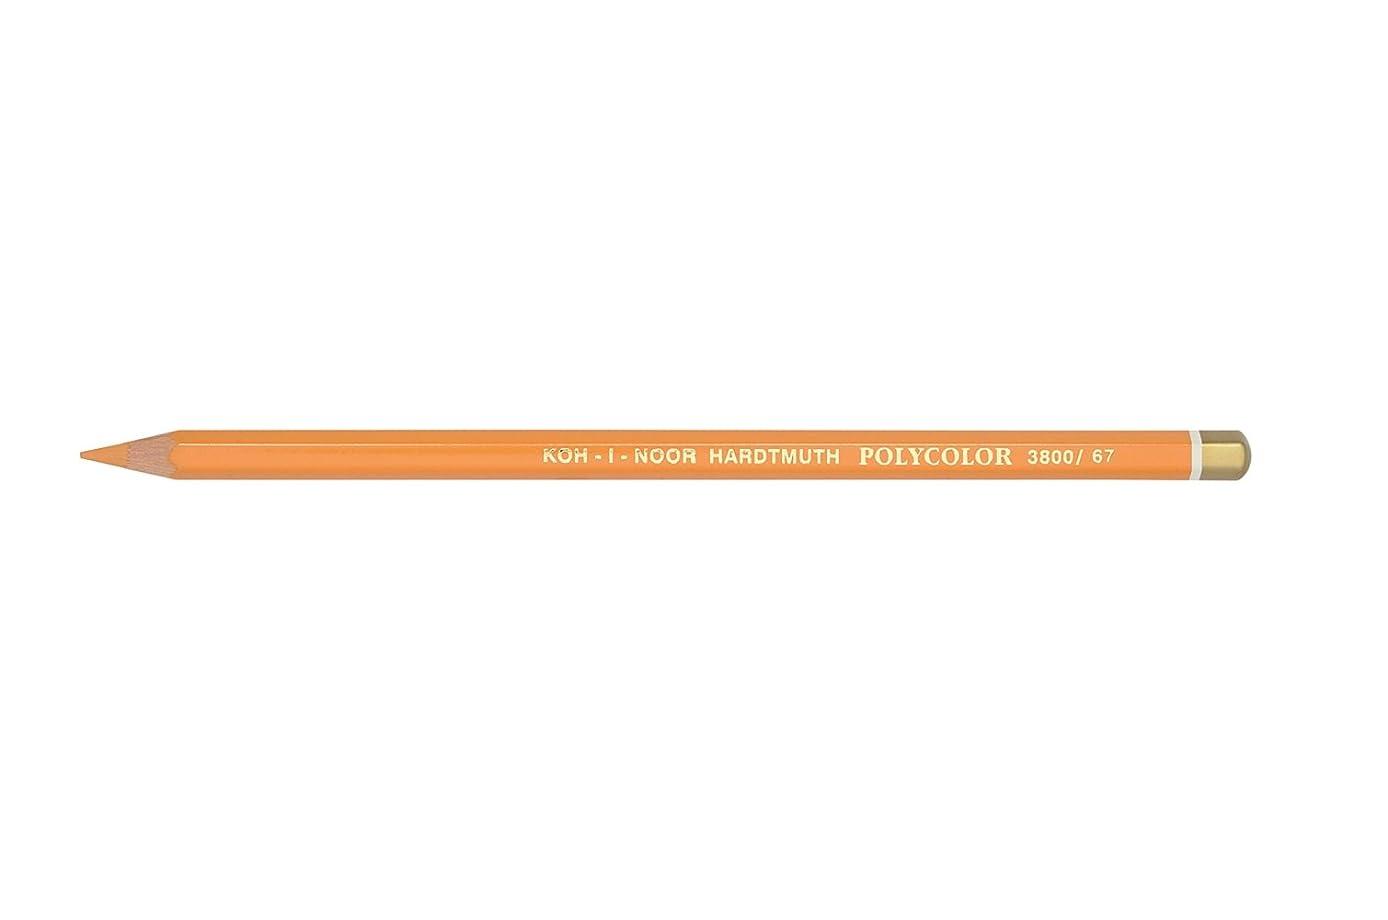 Chartpak 3800067020KS 3800 Cadmium Orange Polycolor Pencil